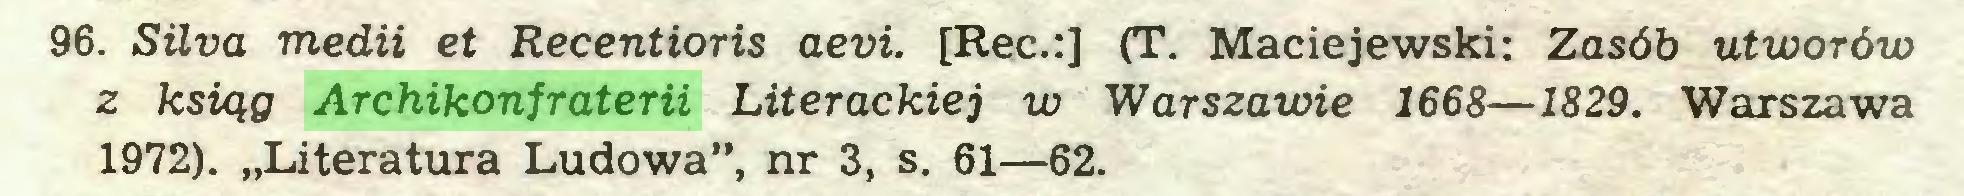 """(...) 96. Silva medii et Recentioris aevi. [Rec.:] (T. Maciejewski: Zasób utworów z ksiąg Archikonfraterii Literackiej w Warszawie 1668—1829. Warszawa 1972). """"Literatura Ludowa"""", nr 3, s. 61—62..."""